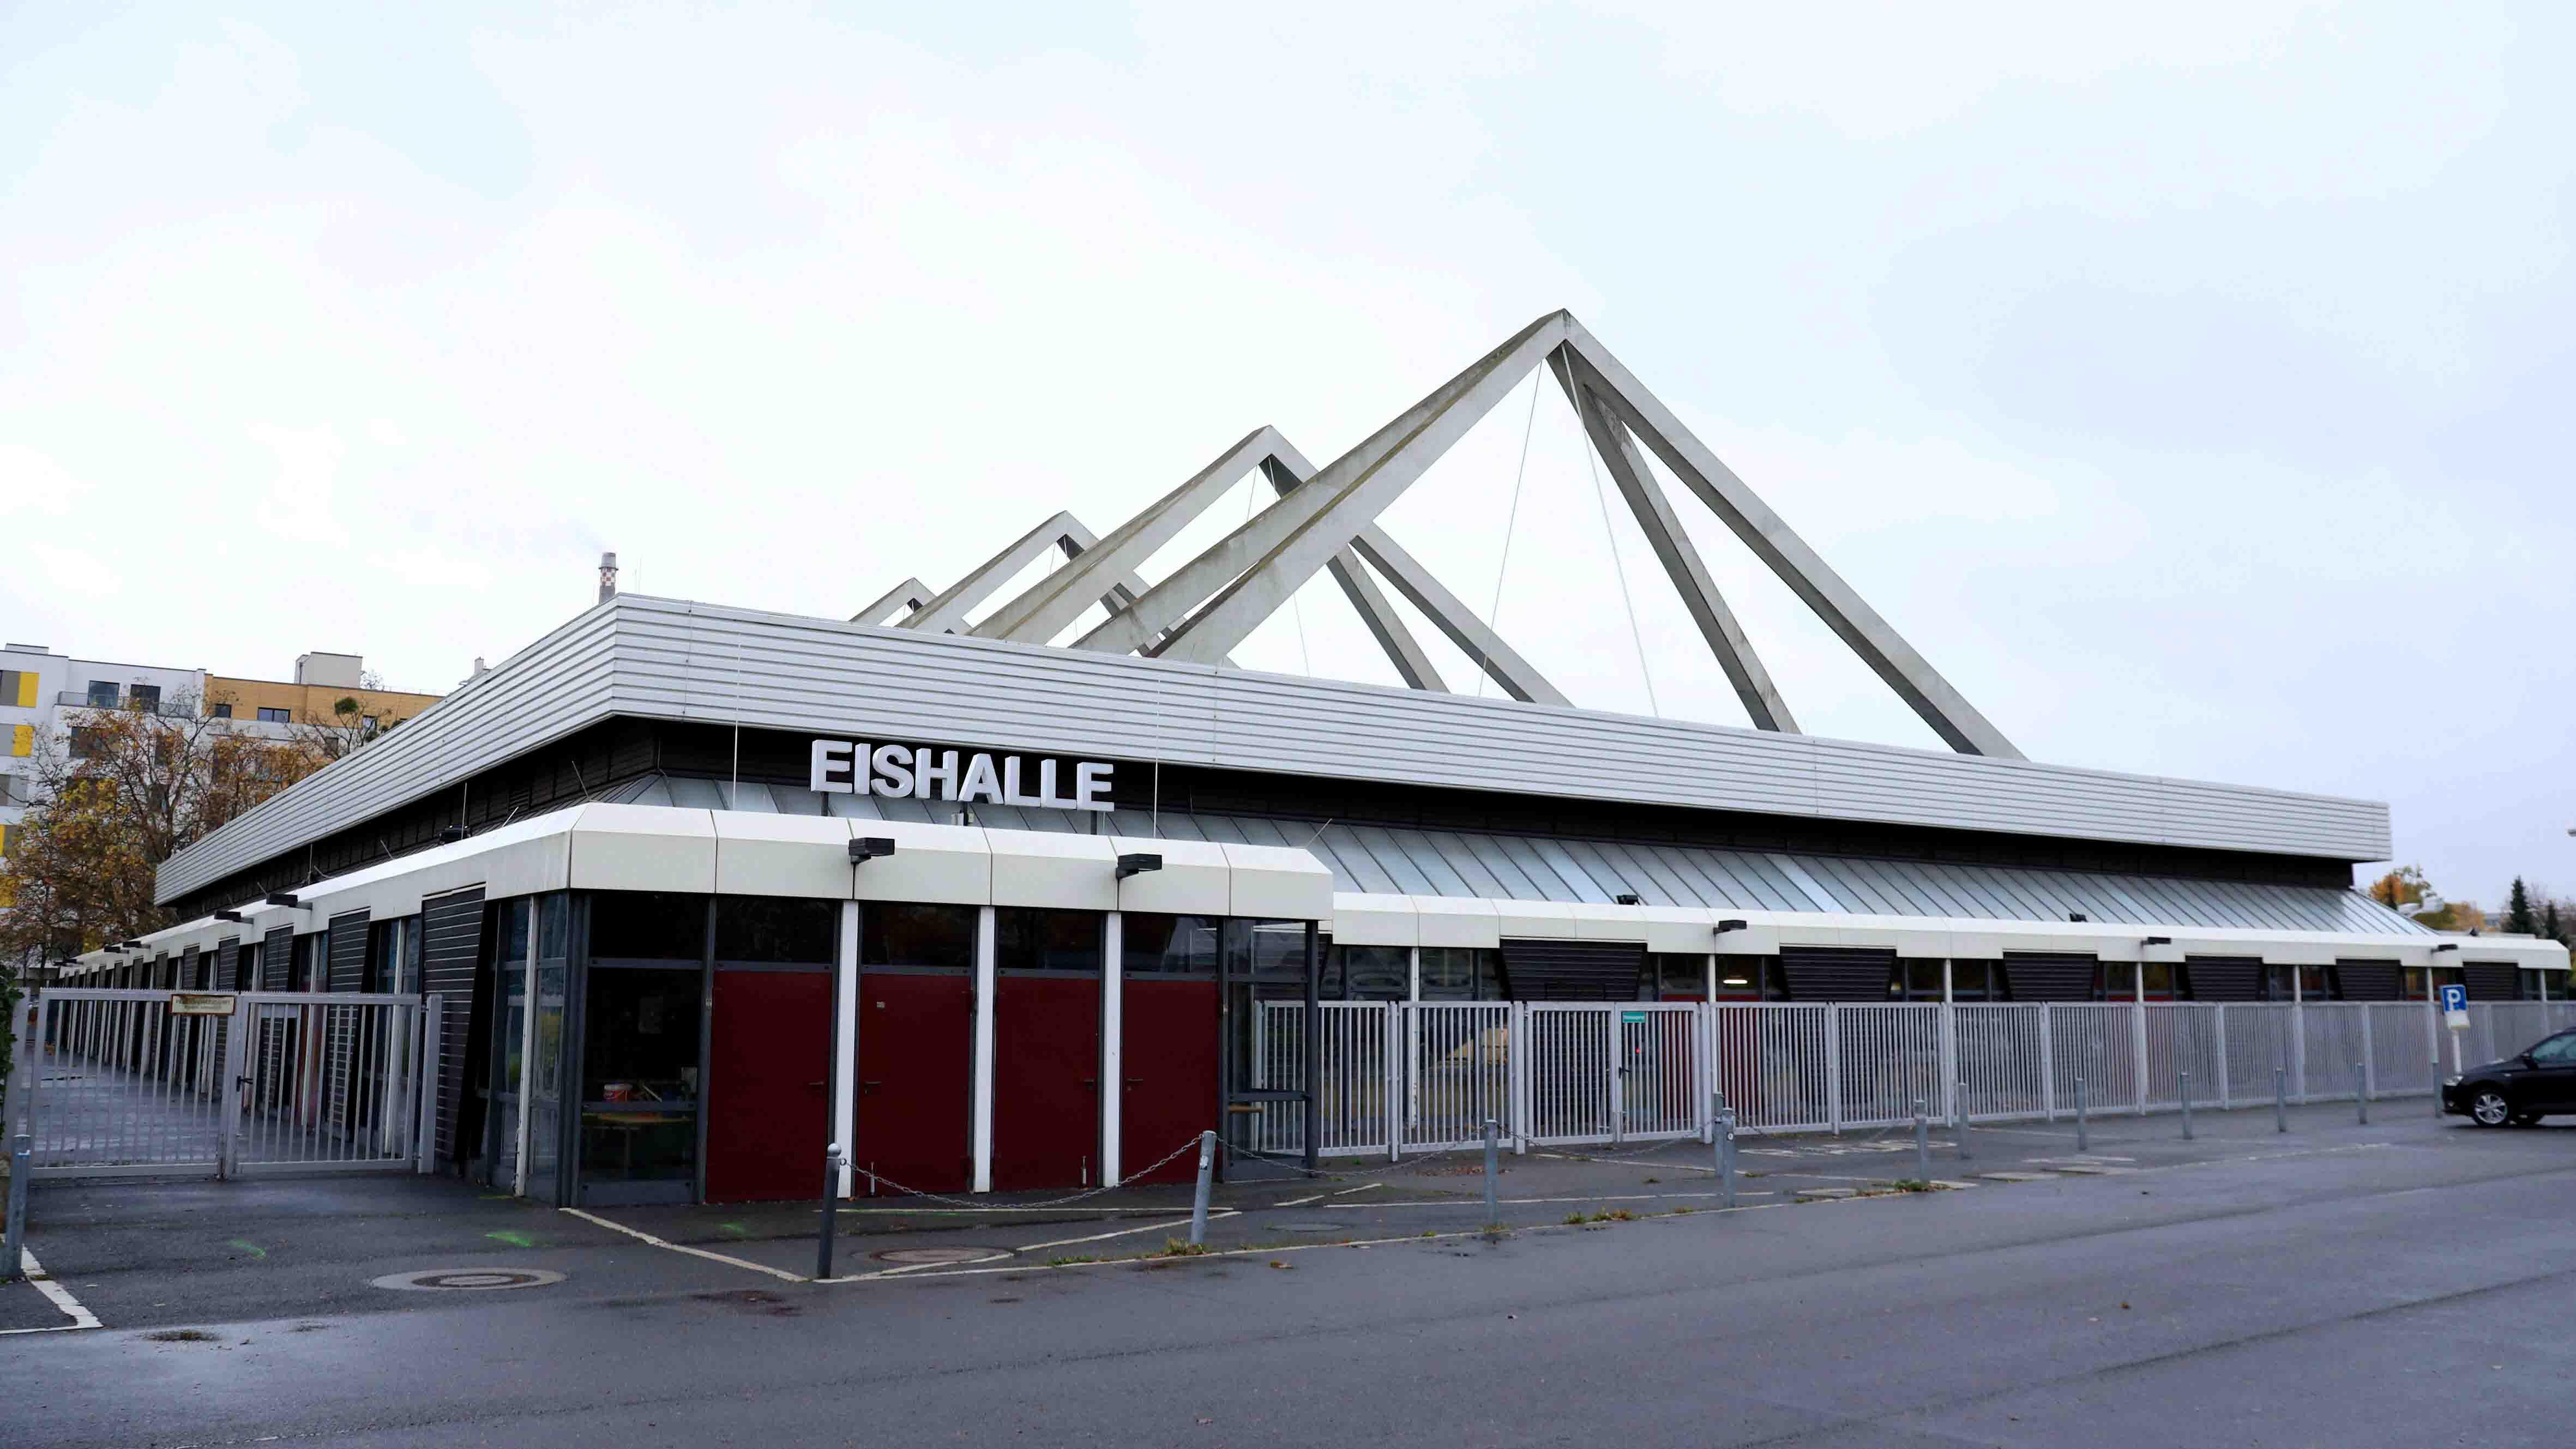 Erika-Hess-Eisstadion wird Berliner Impfzentrum (Bild: imago images/Sebastian Gabsch) | imago images/Sebastian Gabsch